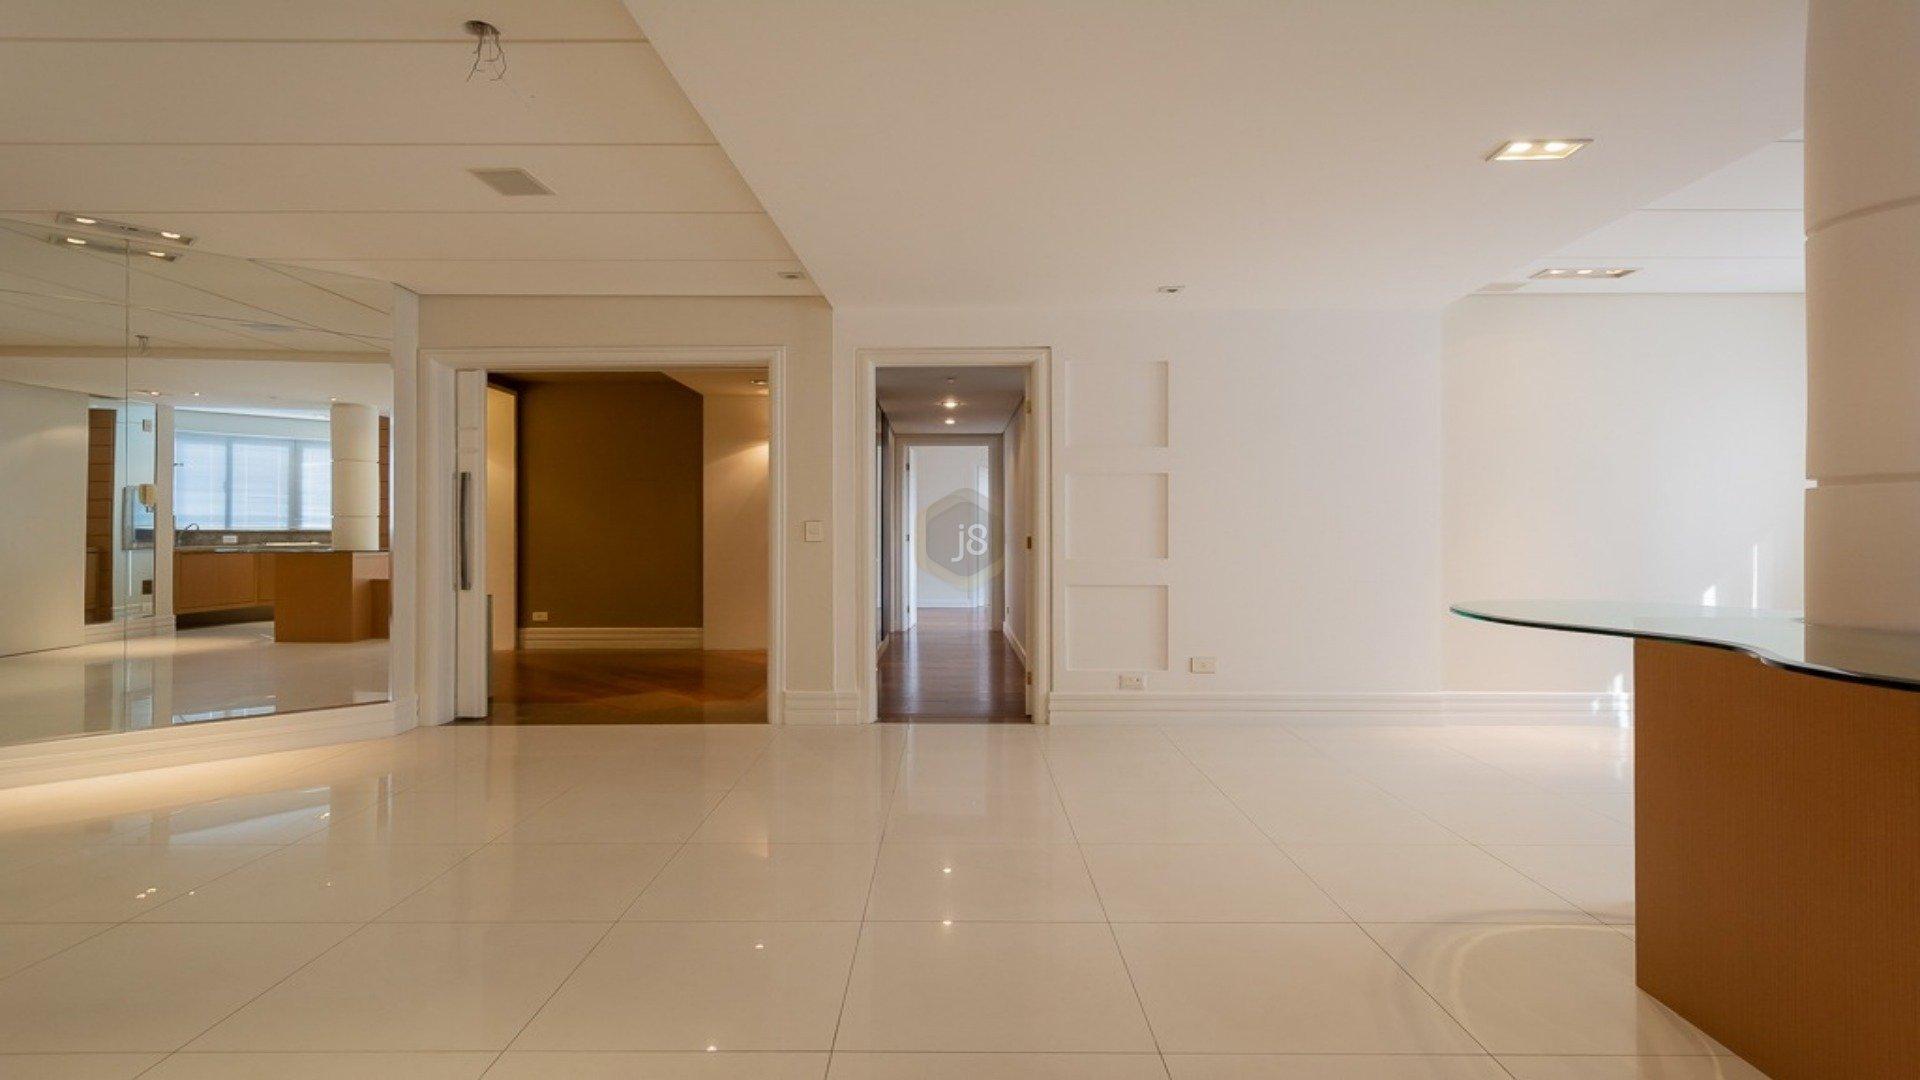 Foto de destaque Excelente apartamento no batel